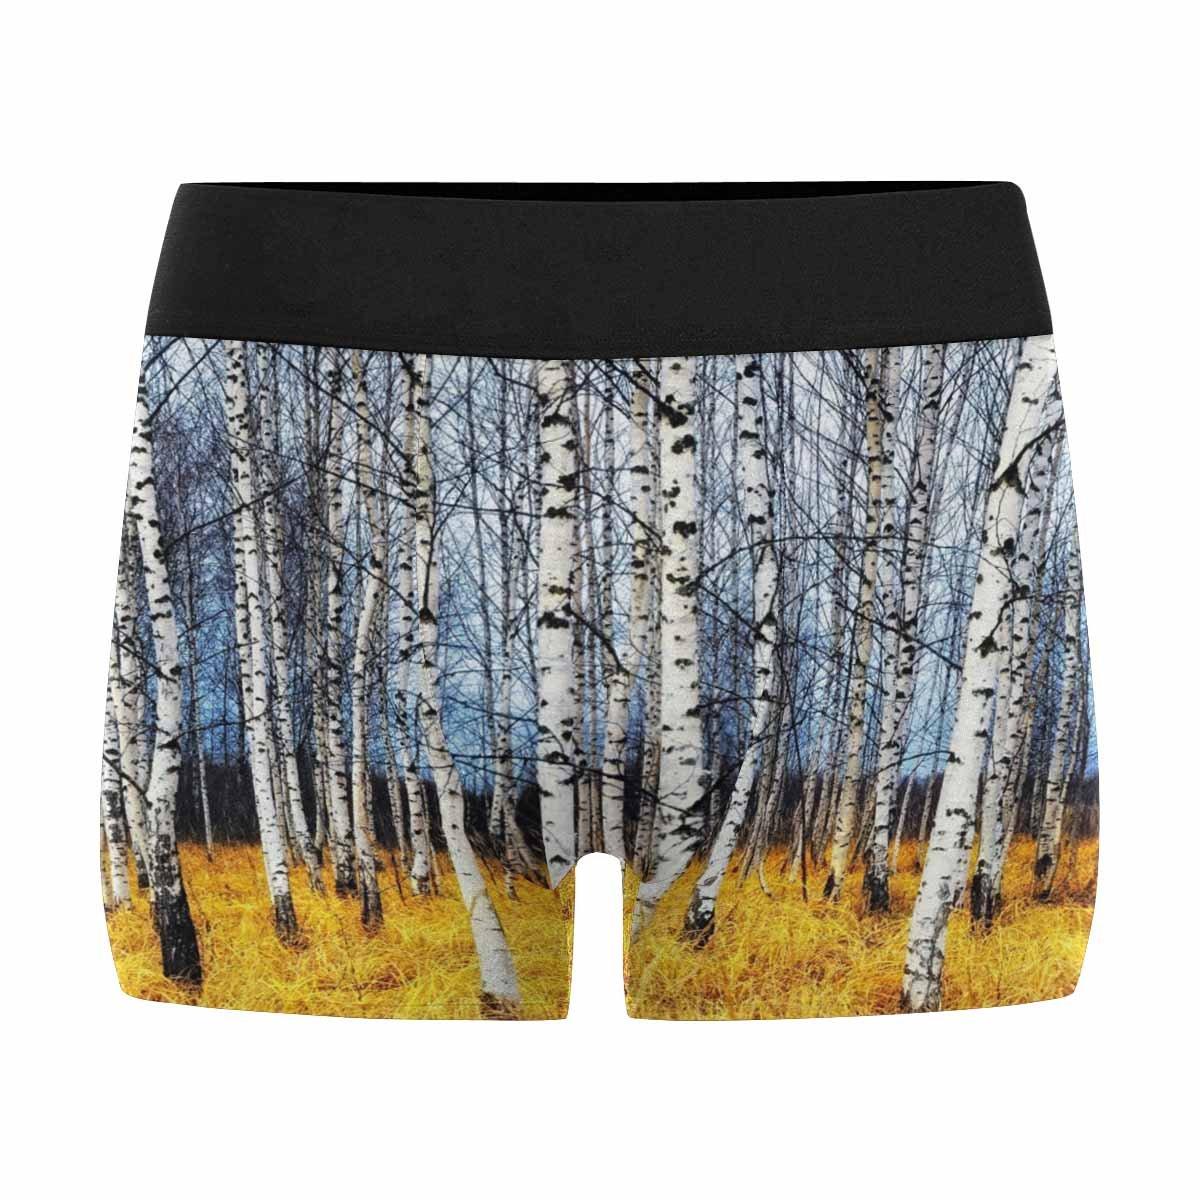 XS-3XL INTERESTPRINT Boxer Briefs Mens Underwear Autumn Birch Grove Among Orange Grass